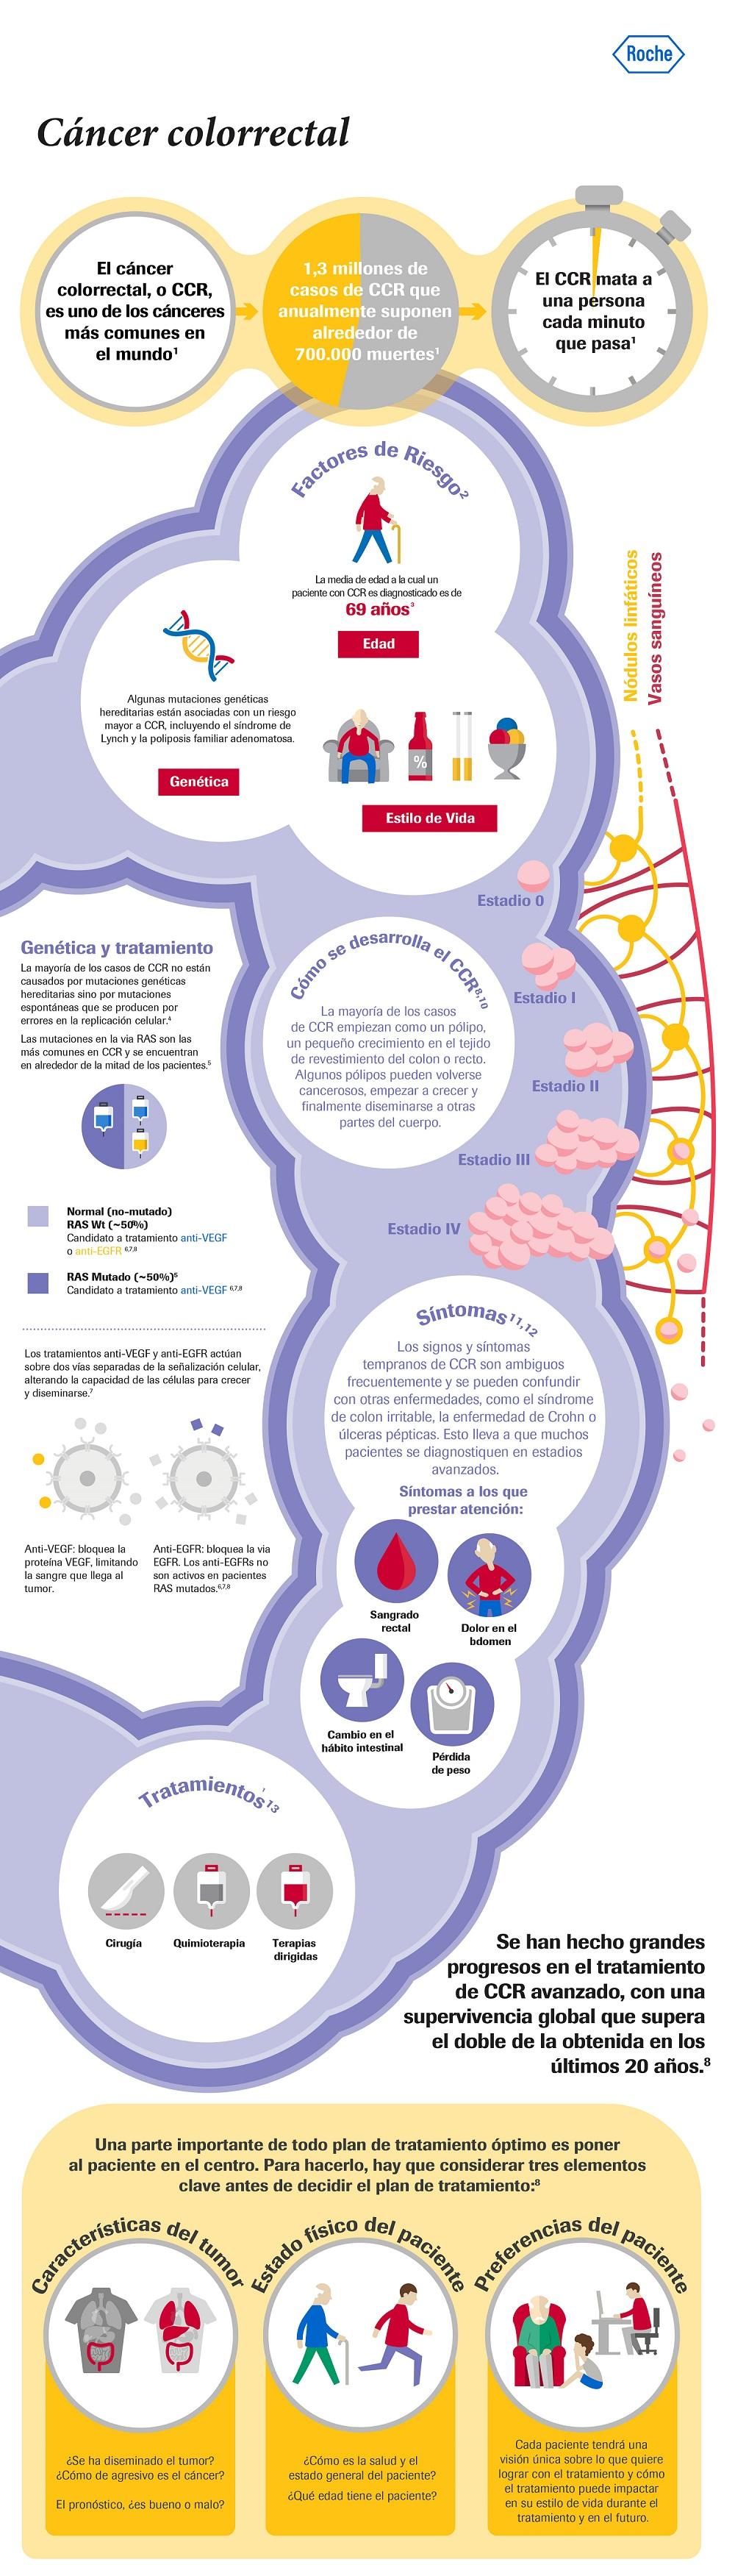 Cancer de colon no polipos. Epidemiologie